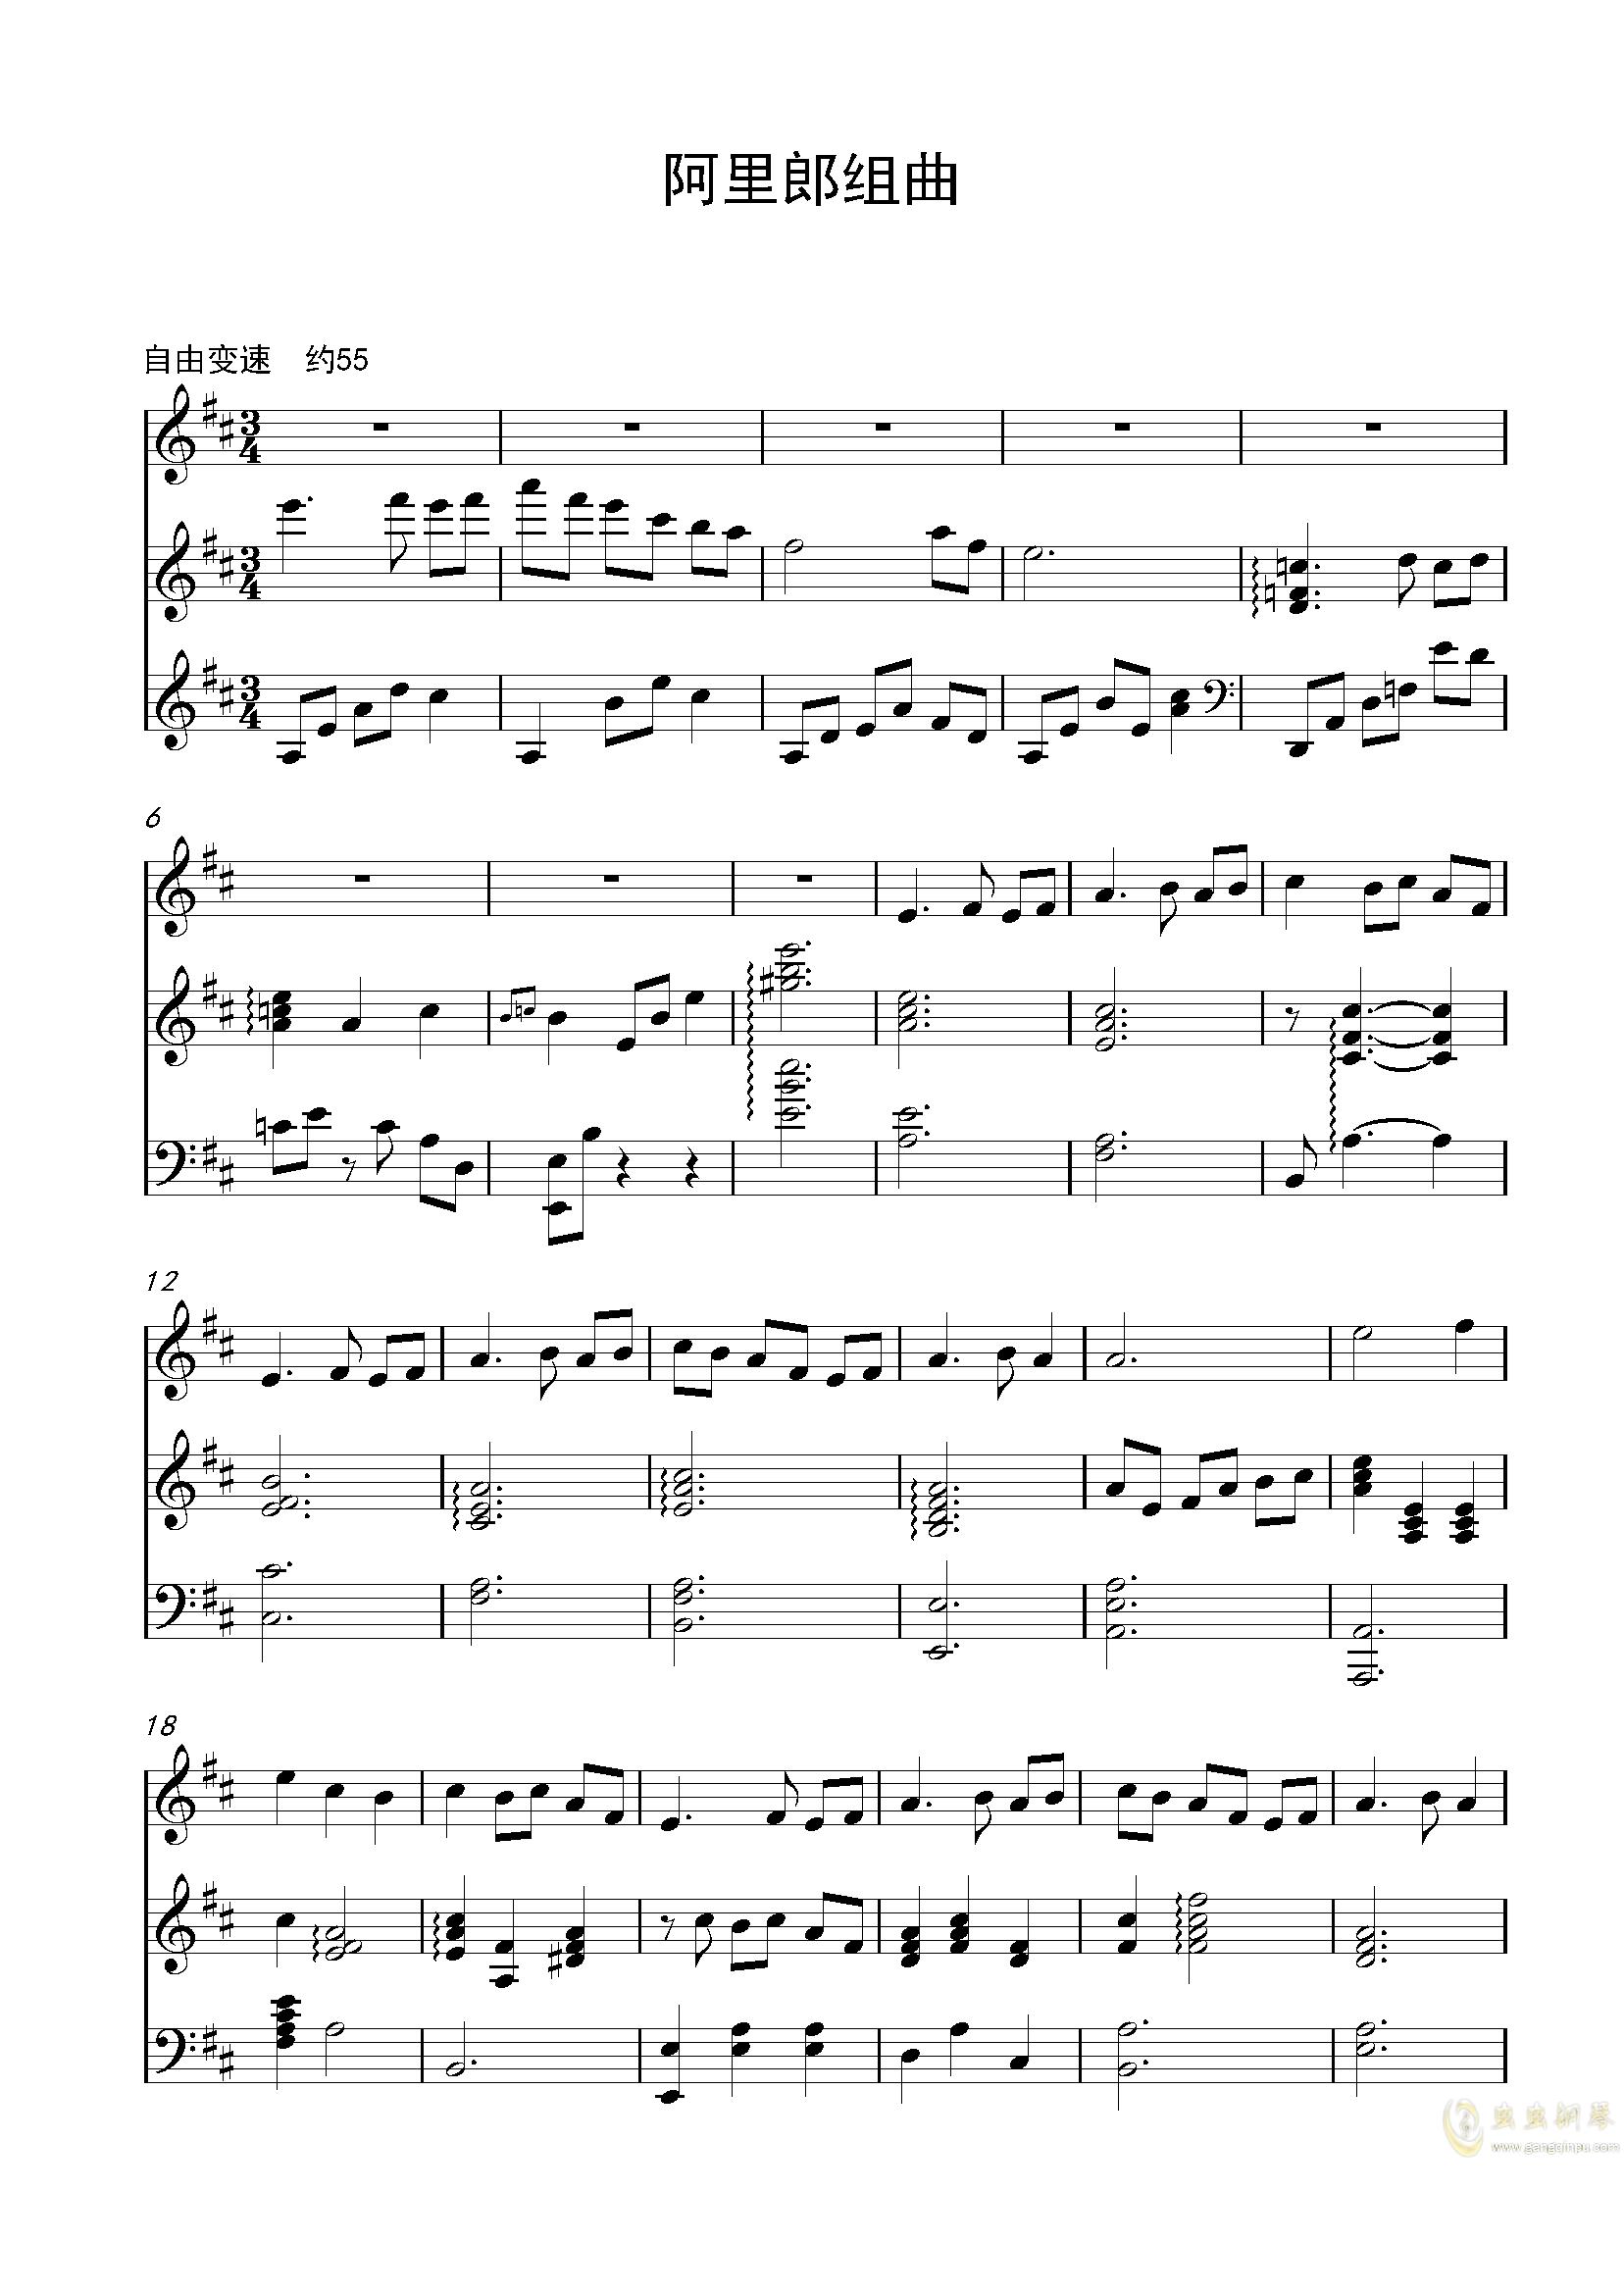 阿里郎组曲钢琴谱 第1页